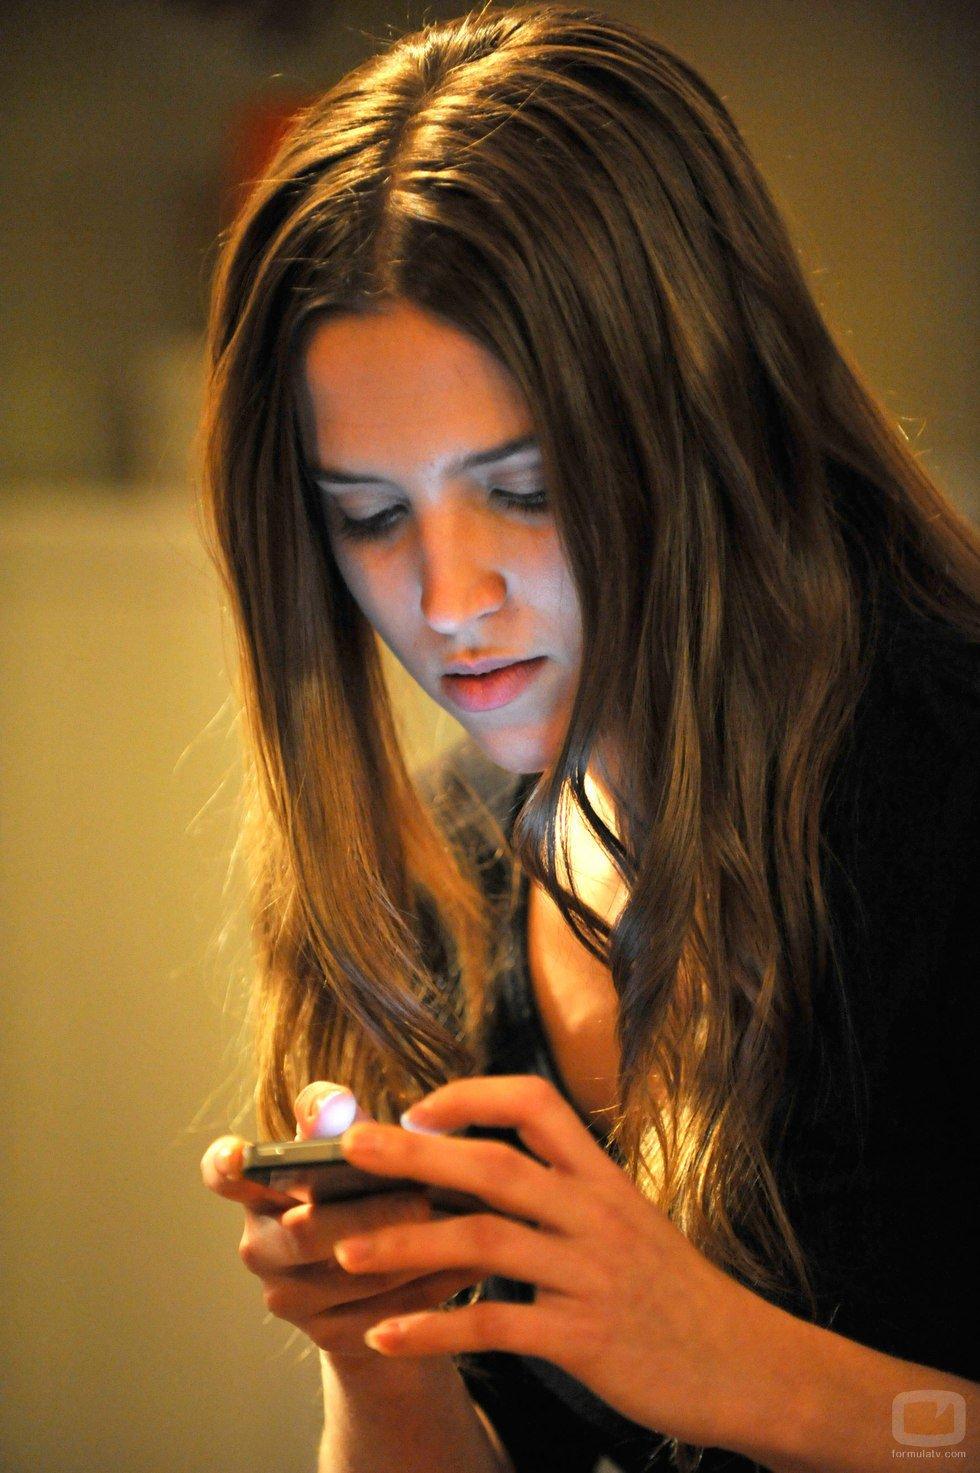 Sandra mira su móvil en el capítulo final de la serie